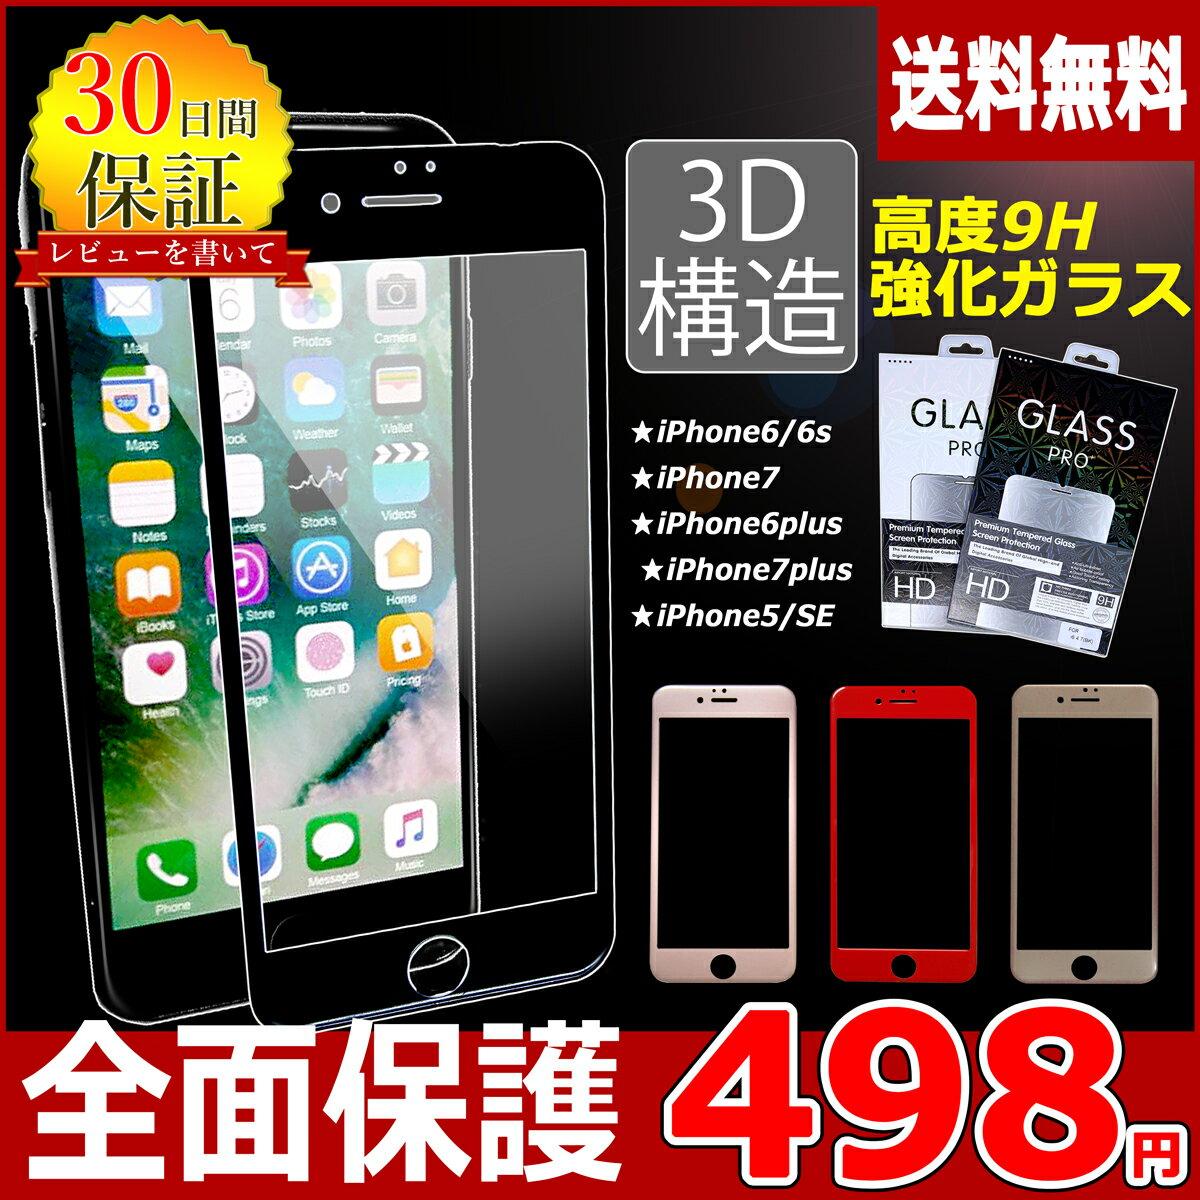 iPhoneX 全面保護 3D 9Hガラスフィルム iPhone8 強化ガラス 保護フィルム 強化ガラスフィルム 強化ガラス保護フィルム 液晶保護ガラスフィルム iPhone7 iPhone6s Plus アイフォン7 アイフォン6s 全面 全面ガラスフィルム ラウンドカット